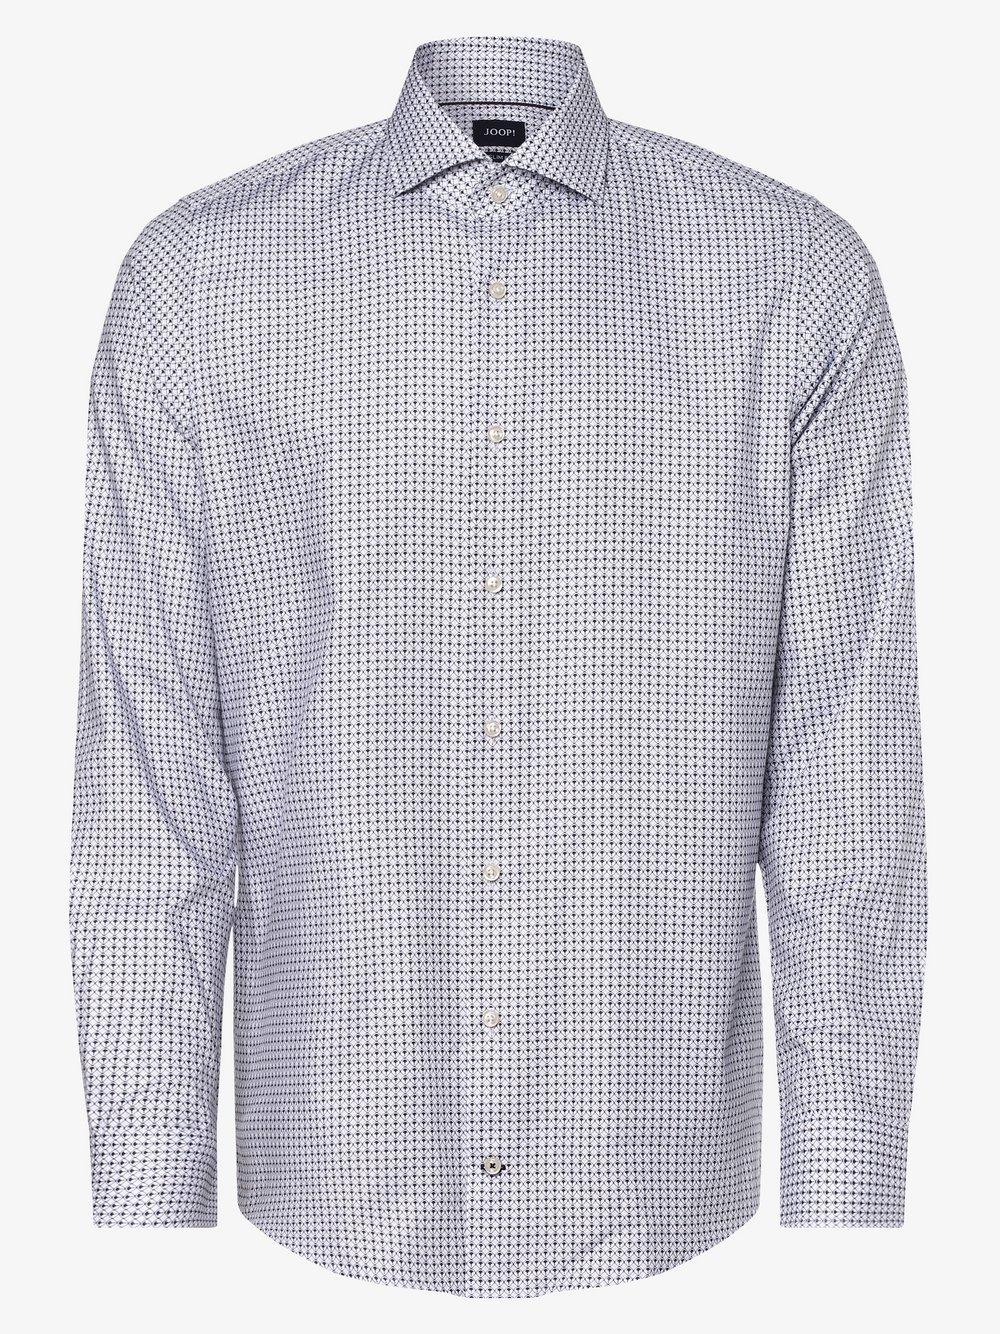 Joop - Koszula męska – Panko, niebieski